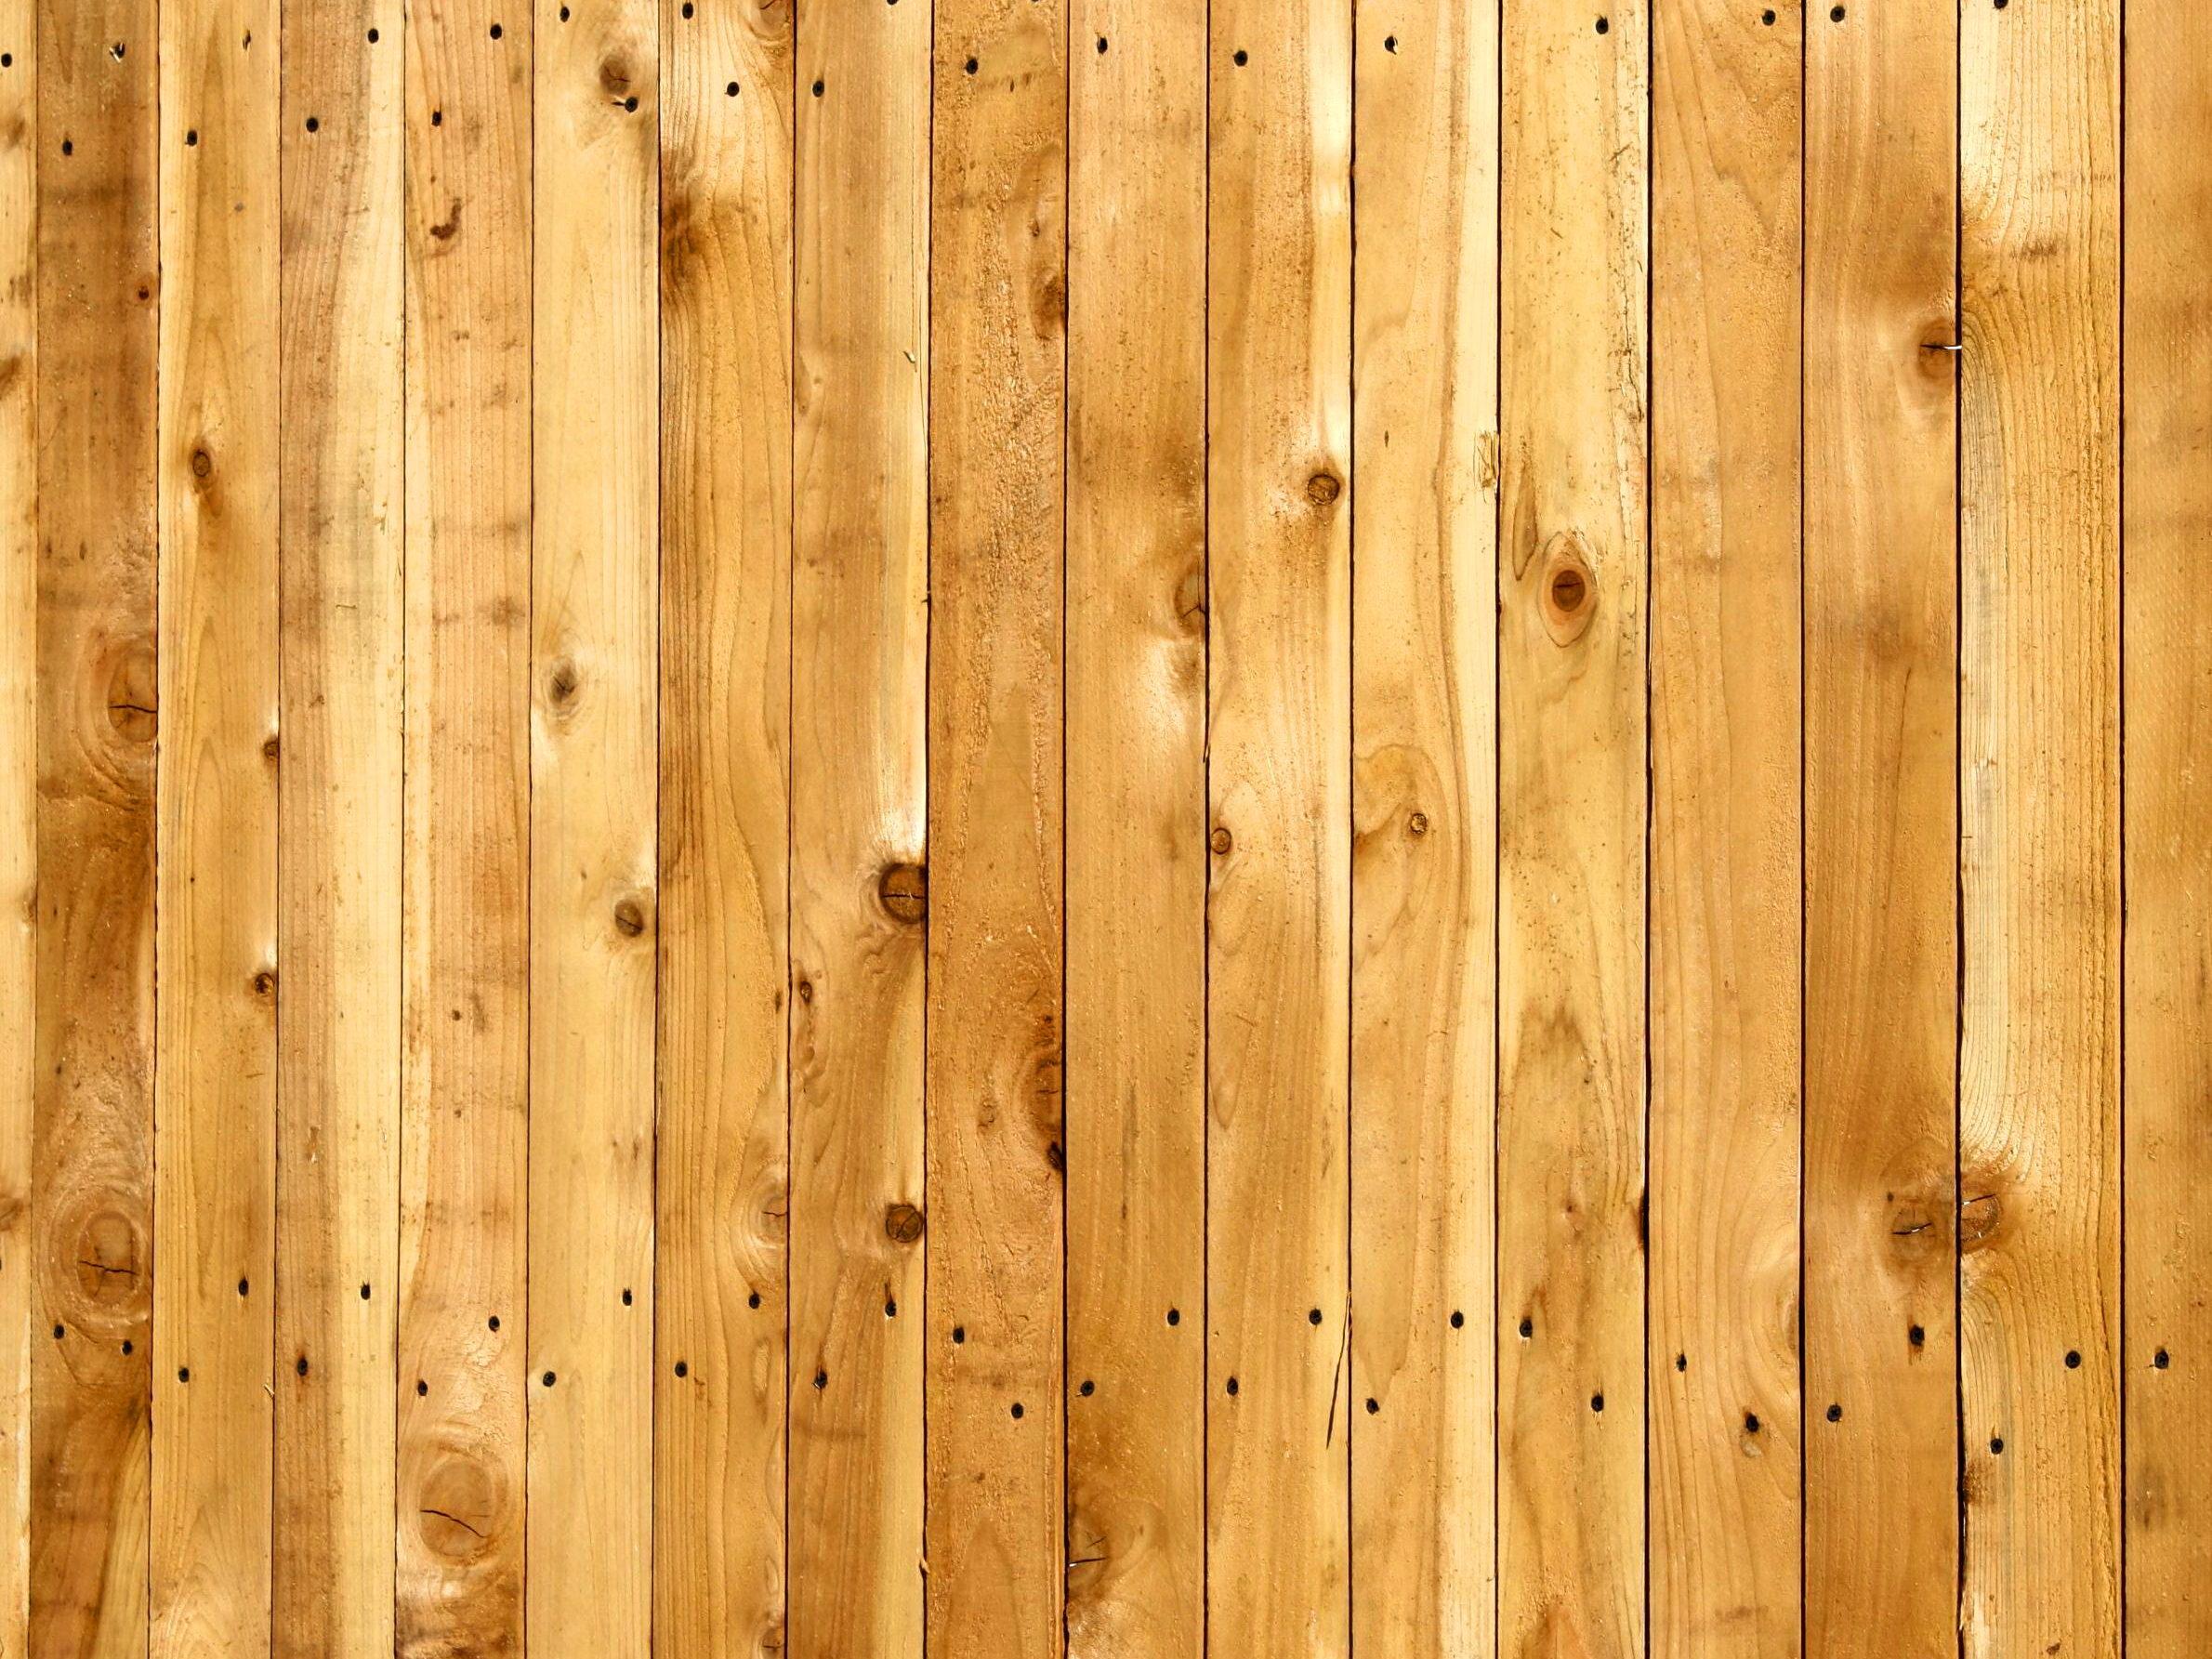 Kostenlose Bild Holzbohlen Holz Zaun Textur